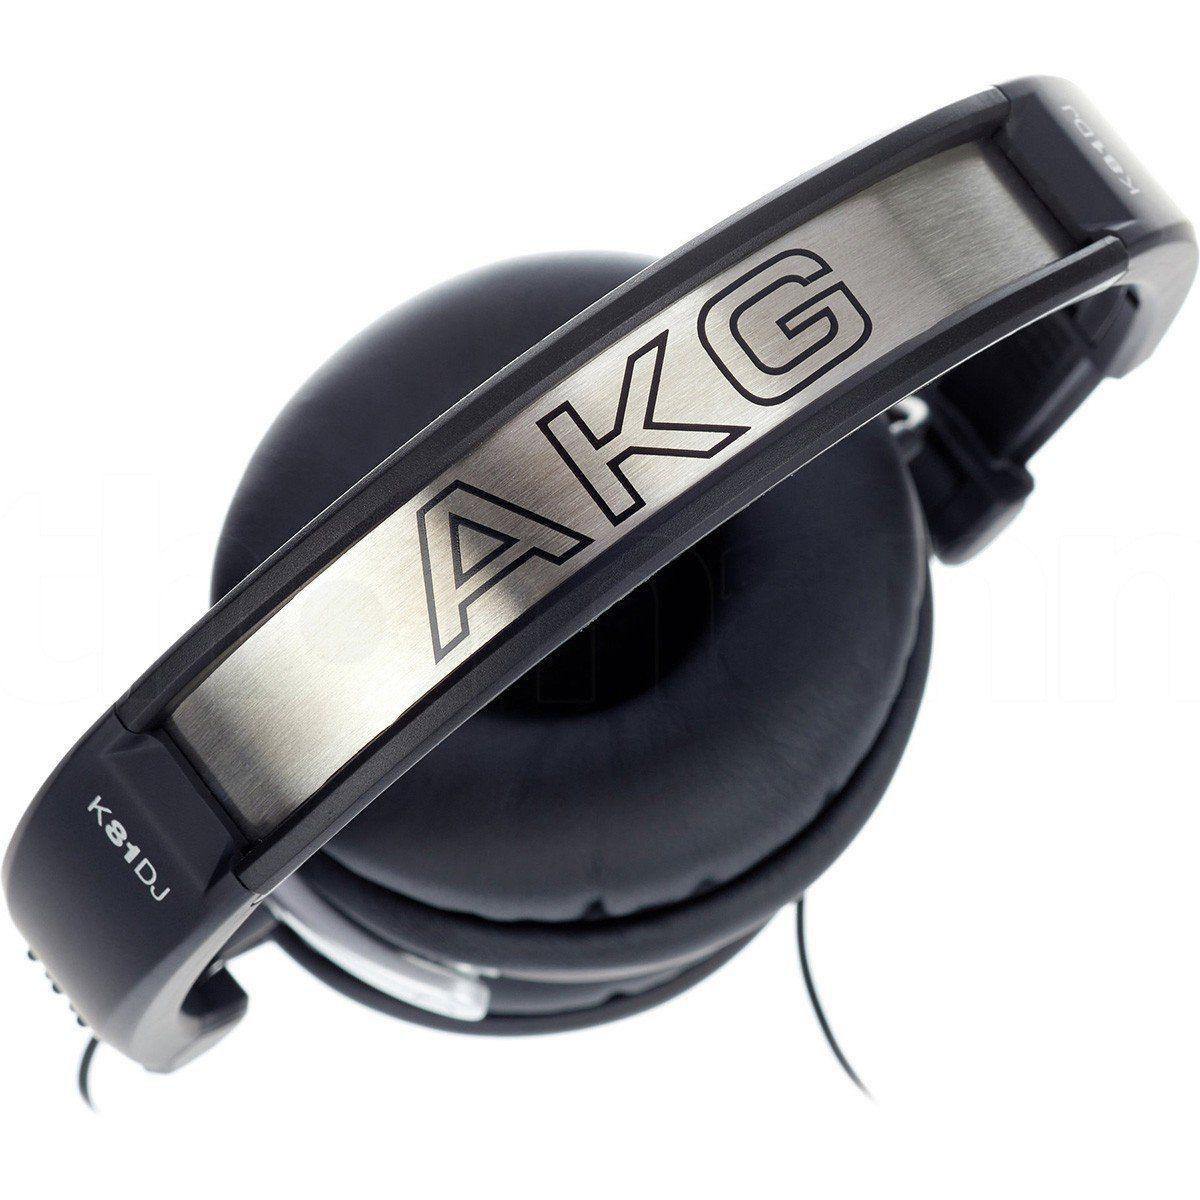 Akg K81Dj Fone de Ouvido K-81 Dj Fechado para Dj Profissional e Estúdio